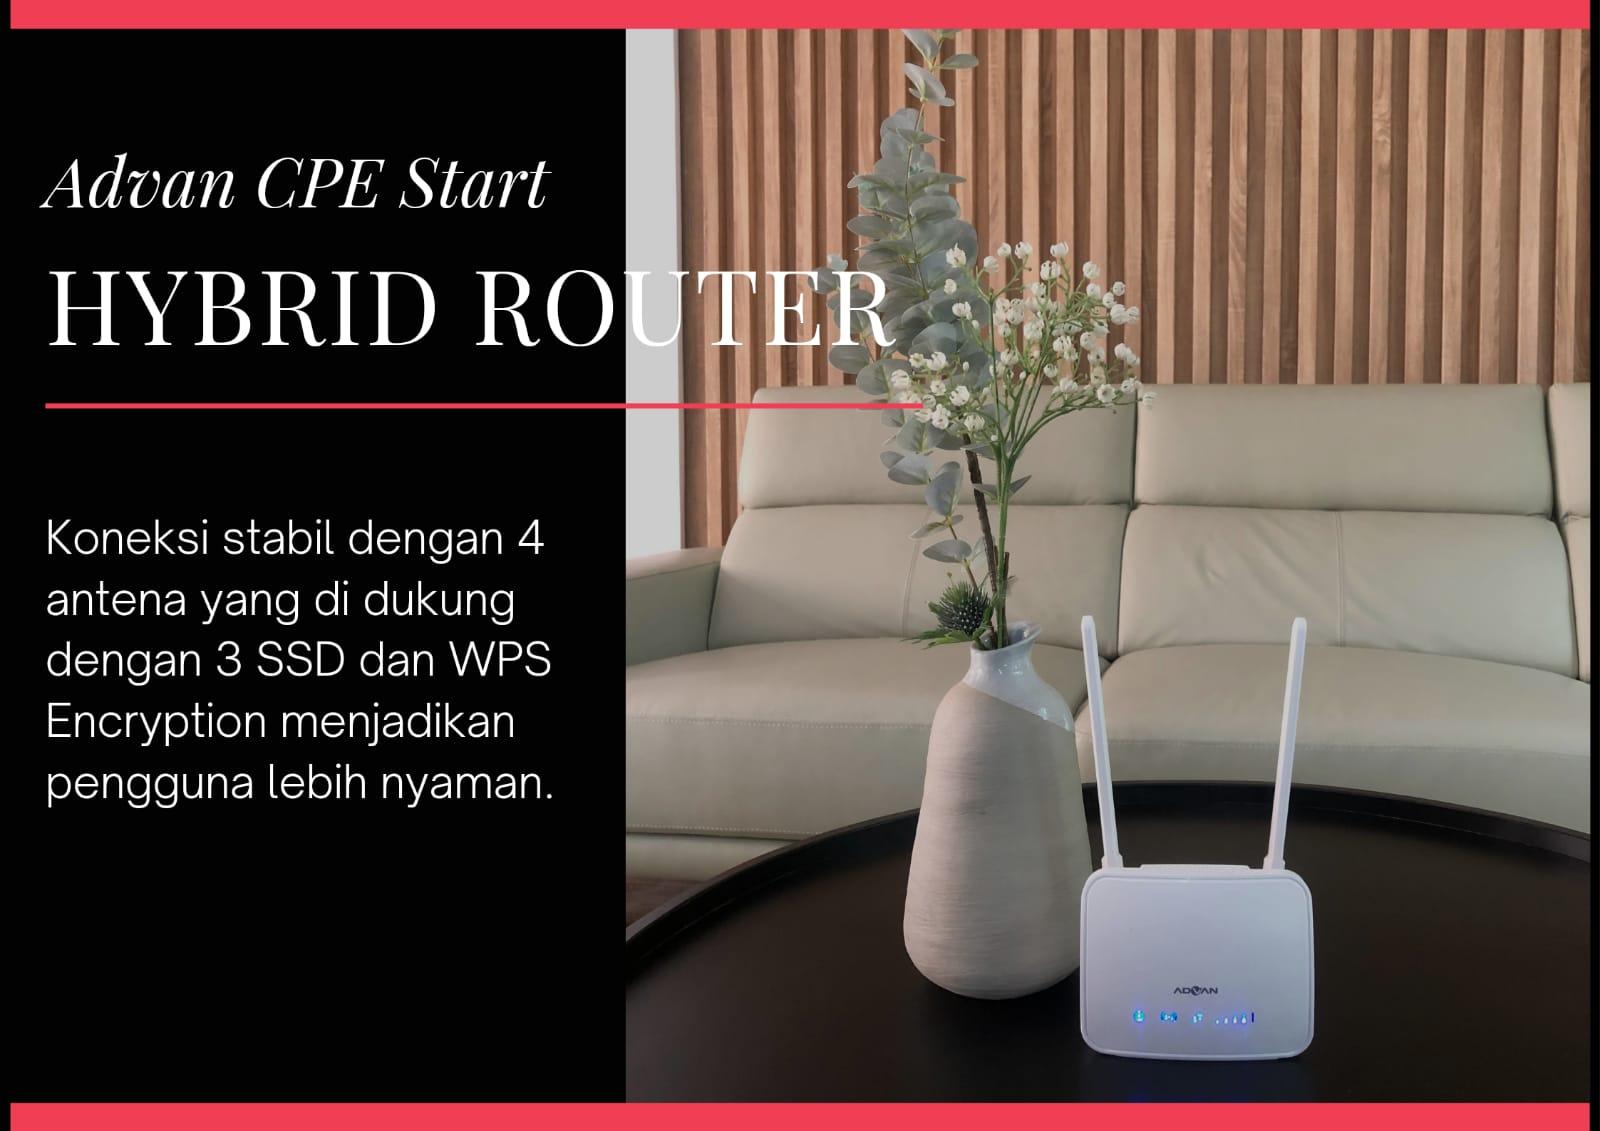 keunggulan hybrid router